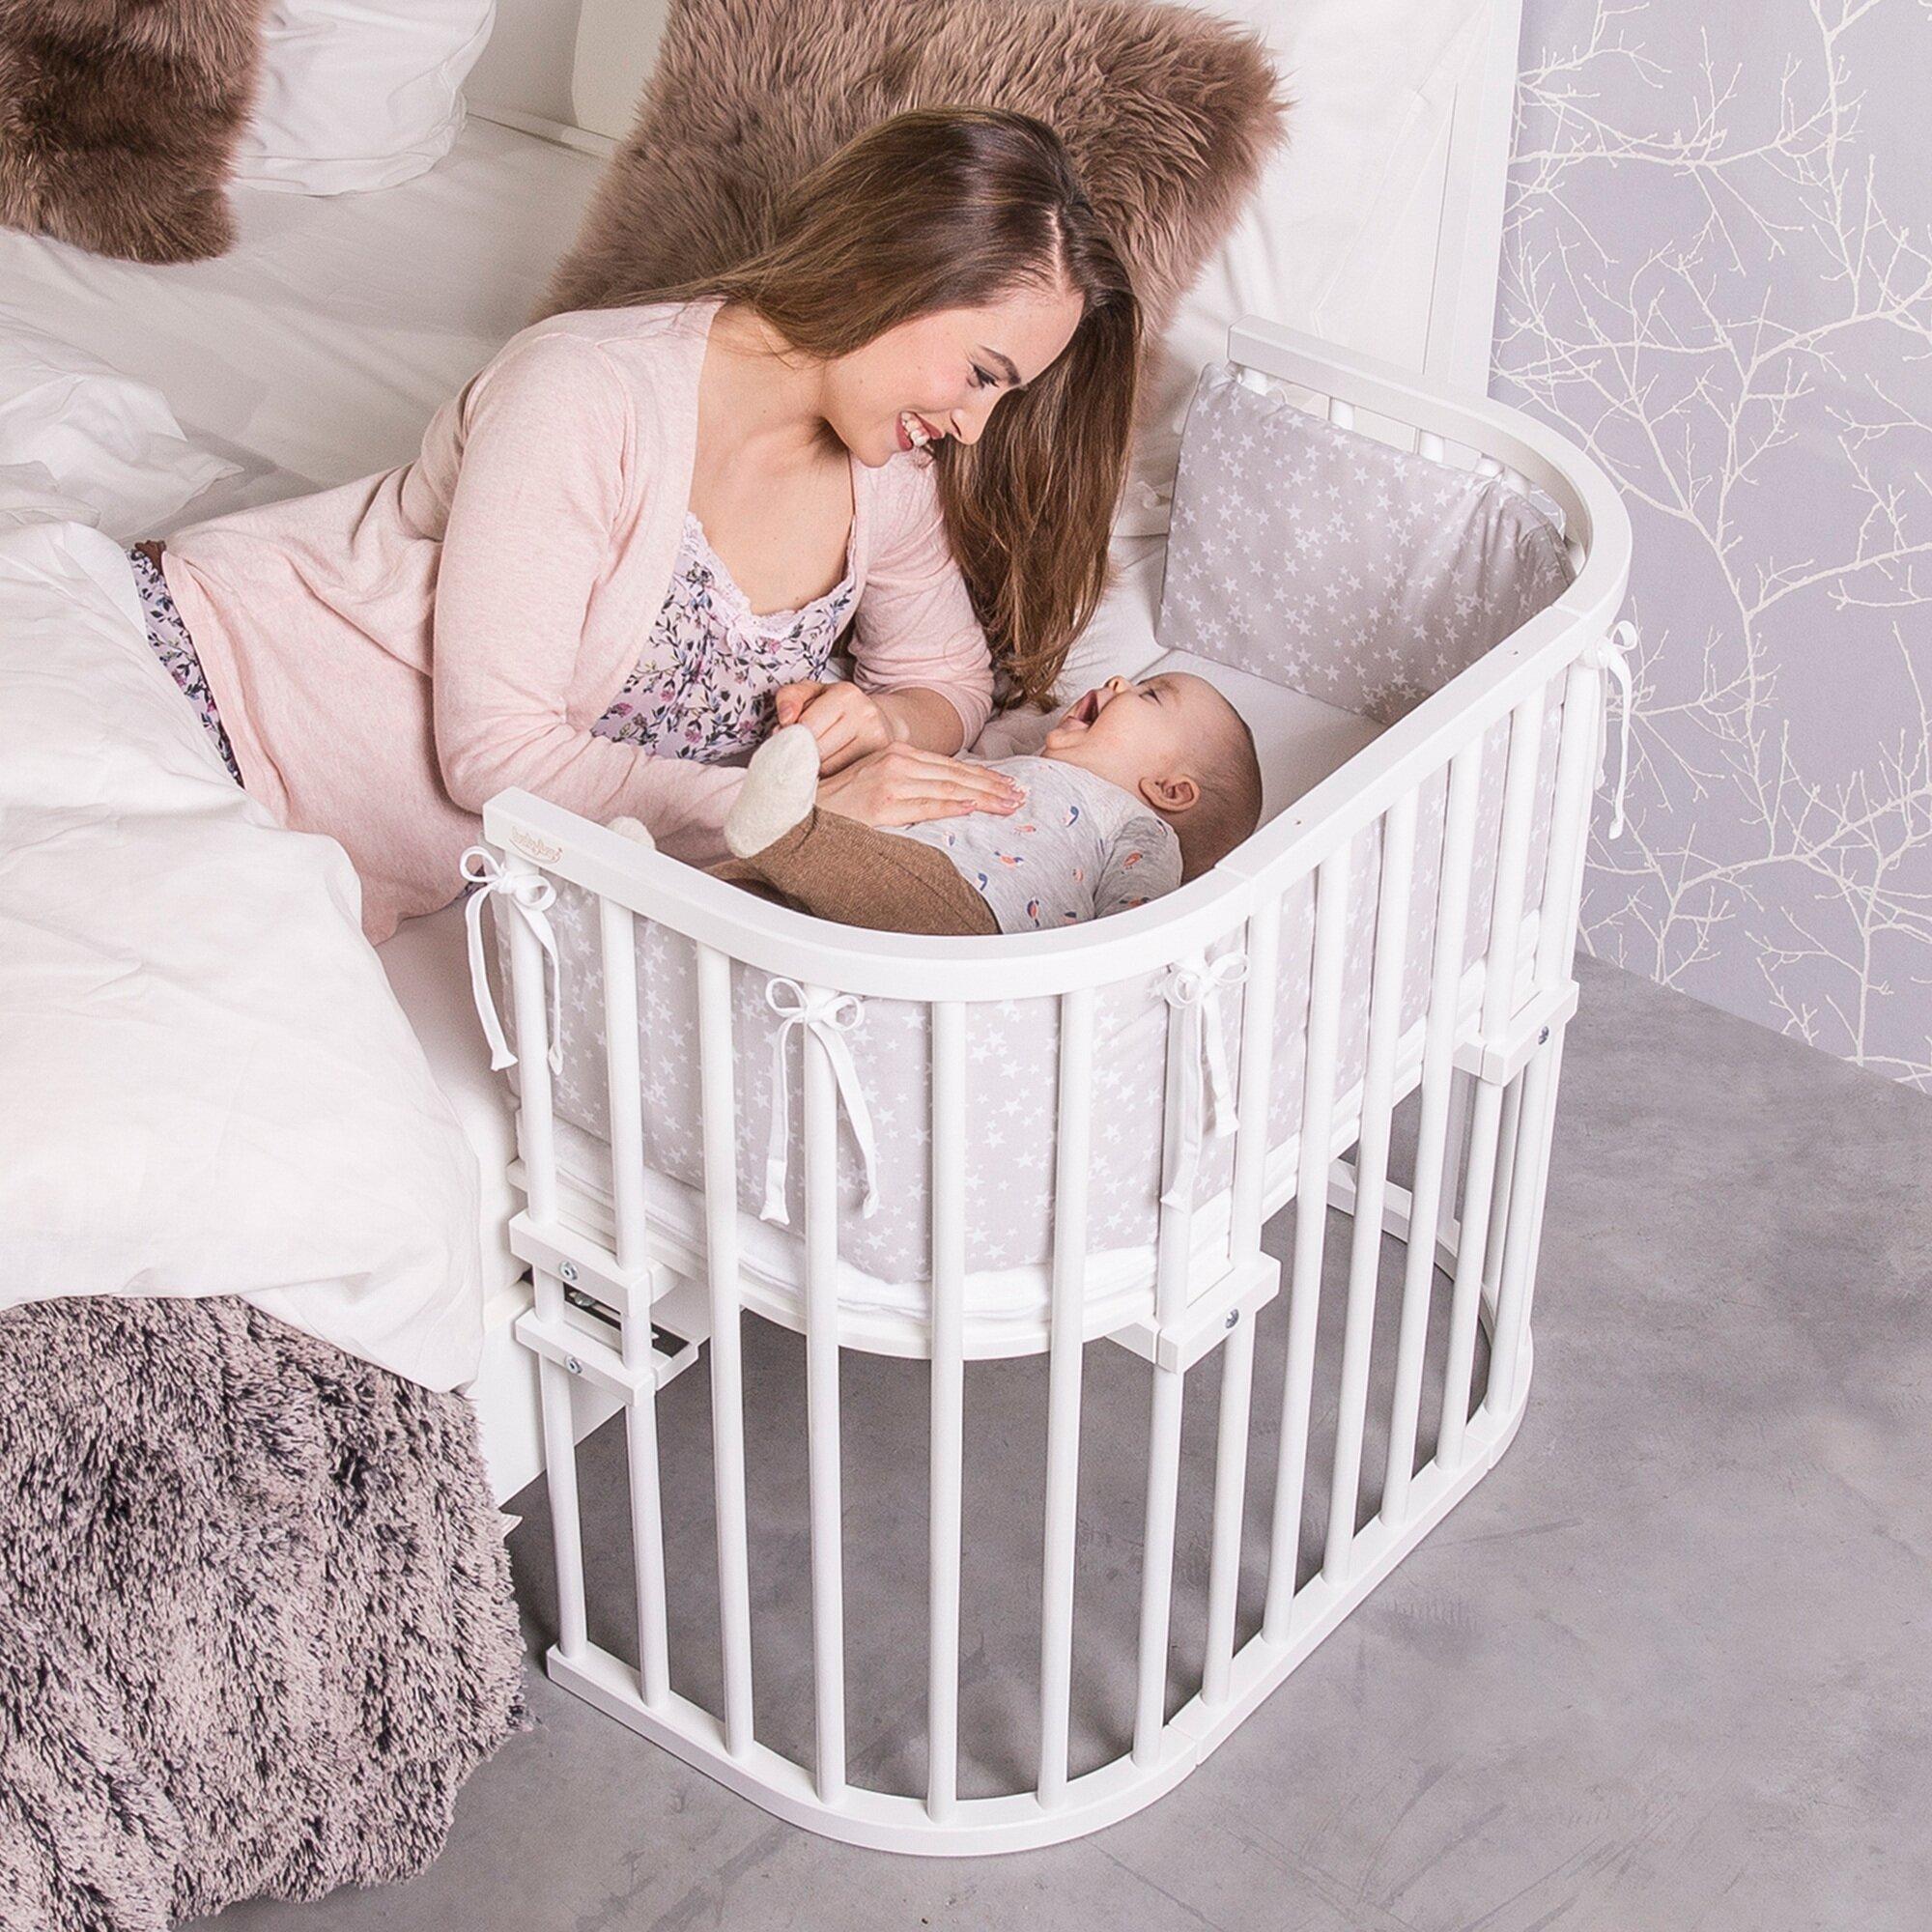 babybay-beistellbett-original-extra-beluftet